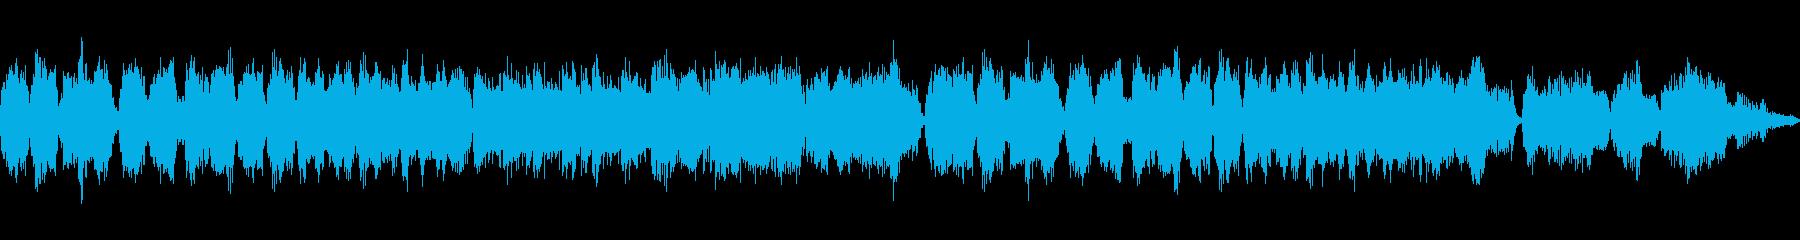 フルートとハープによる子守歌風の曲です。の再生済みの波形